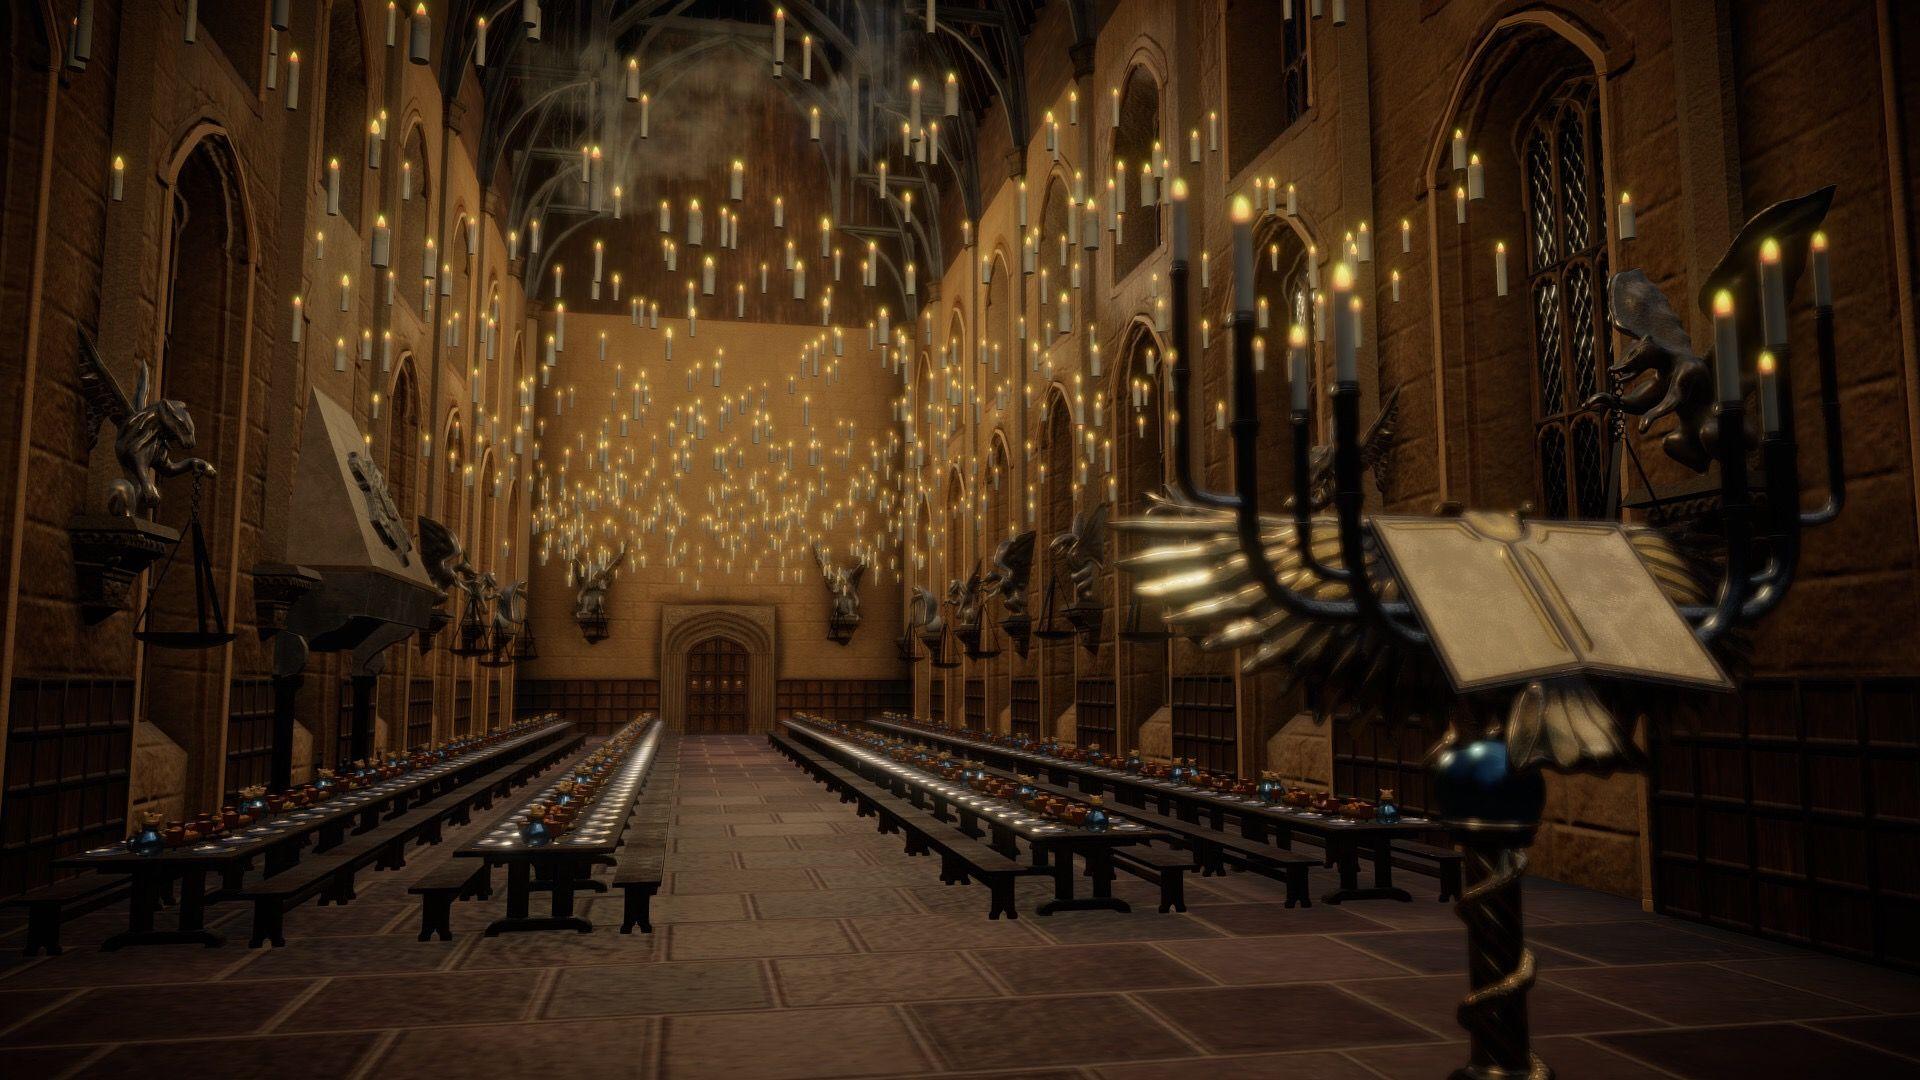 Pin Von Claudia B Auf Harry Potter Hogwarts Grosse Halle Hogwarts Halle